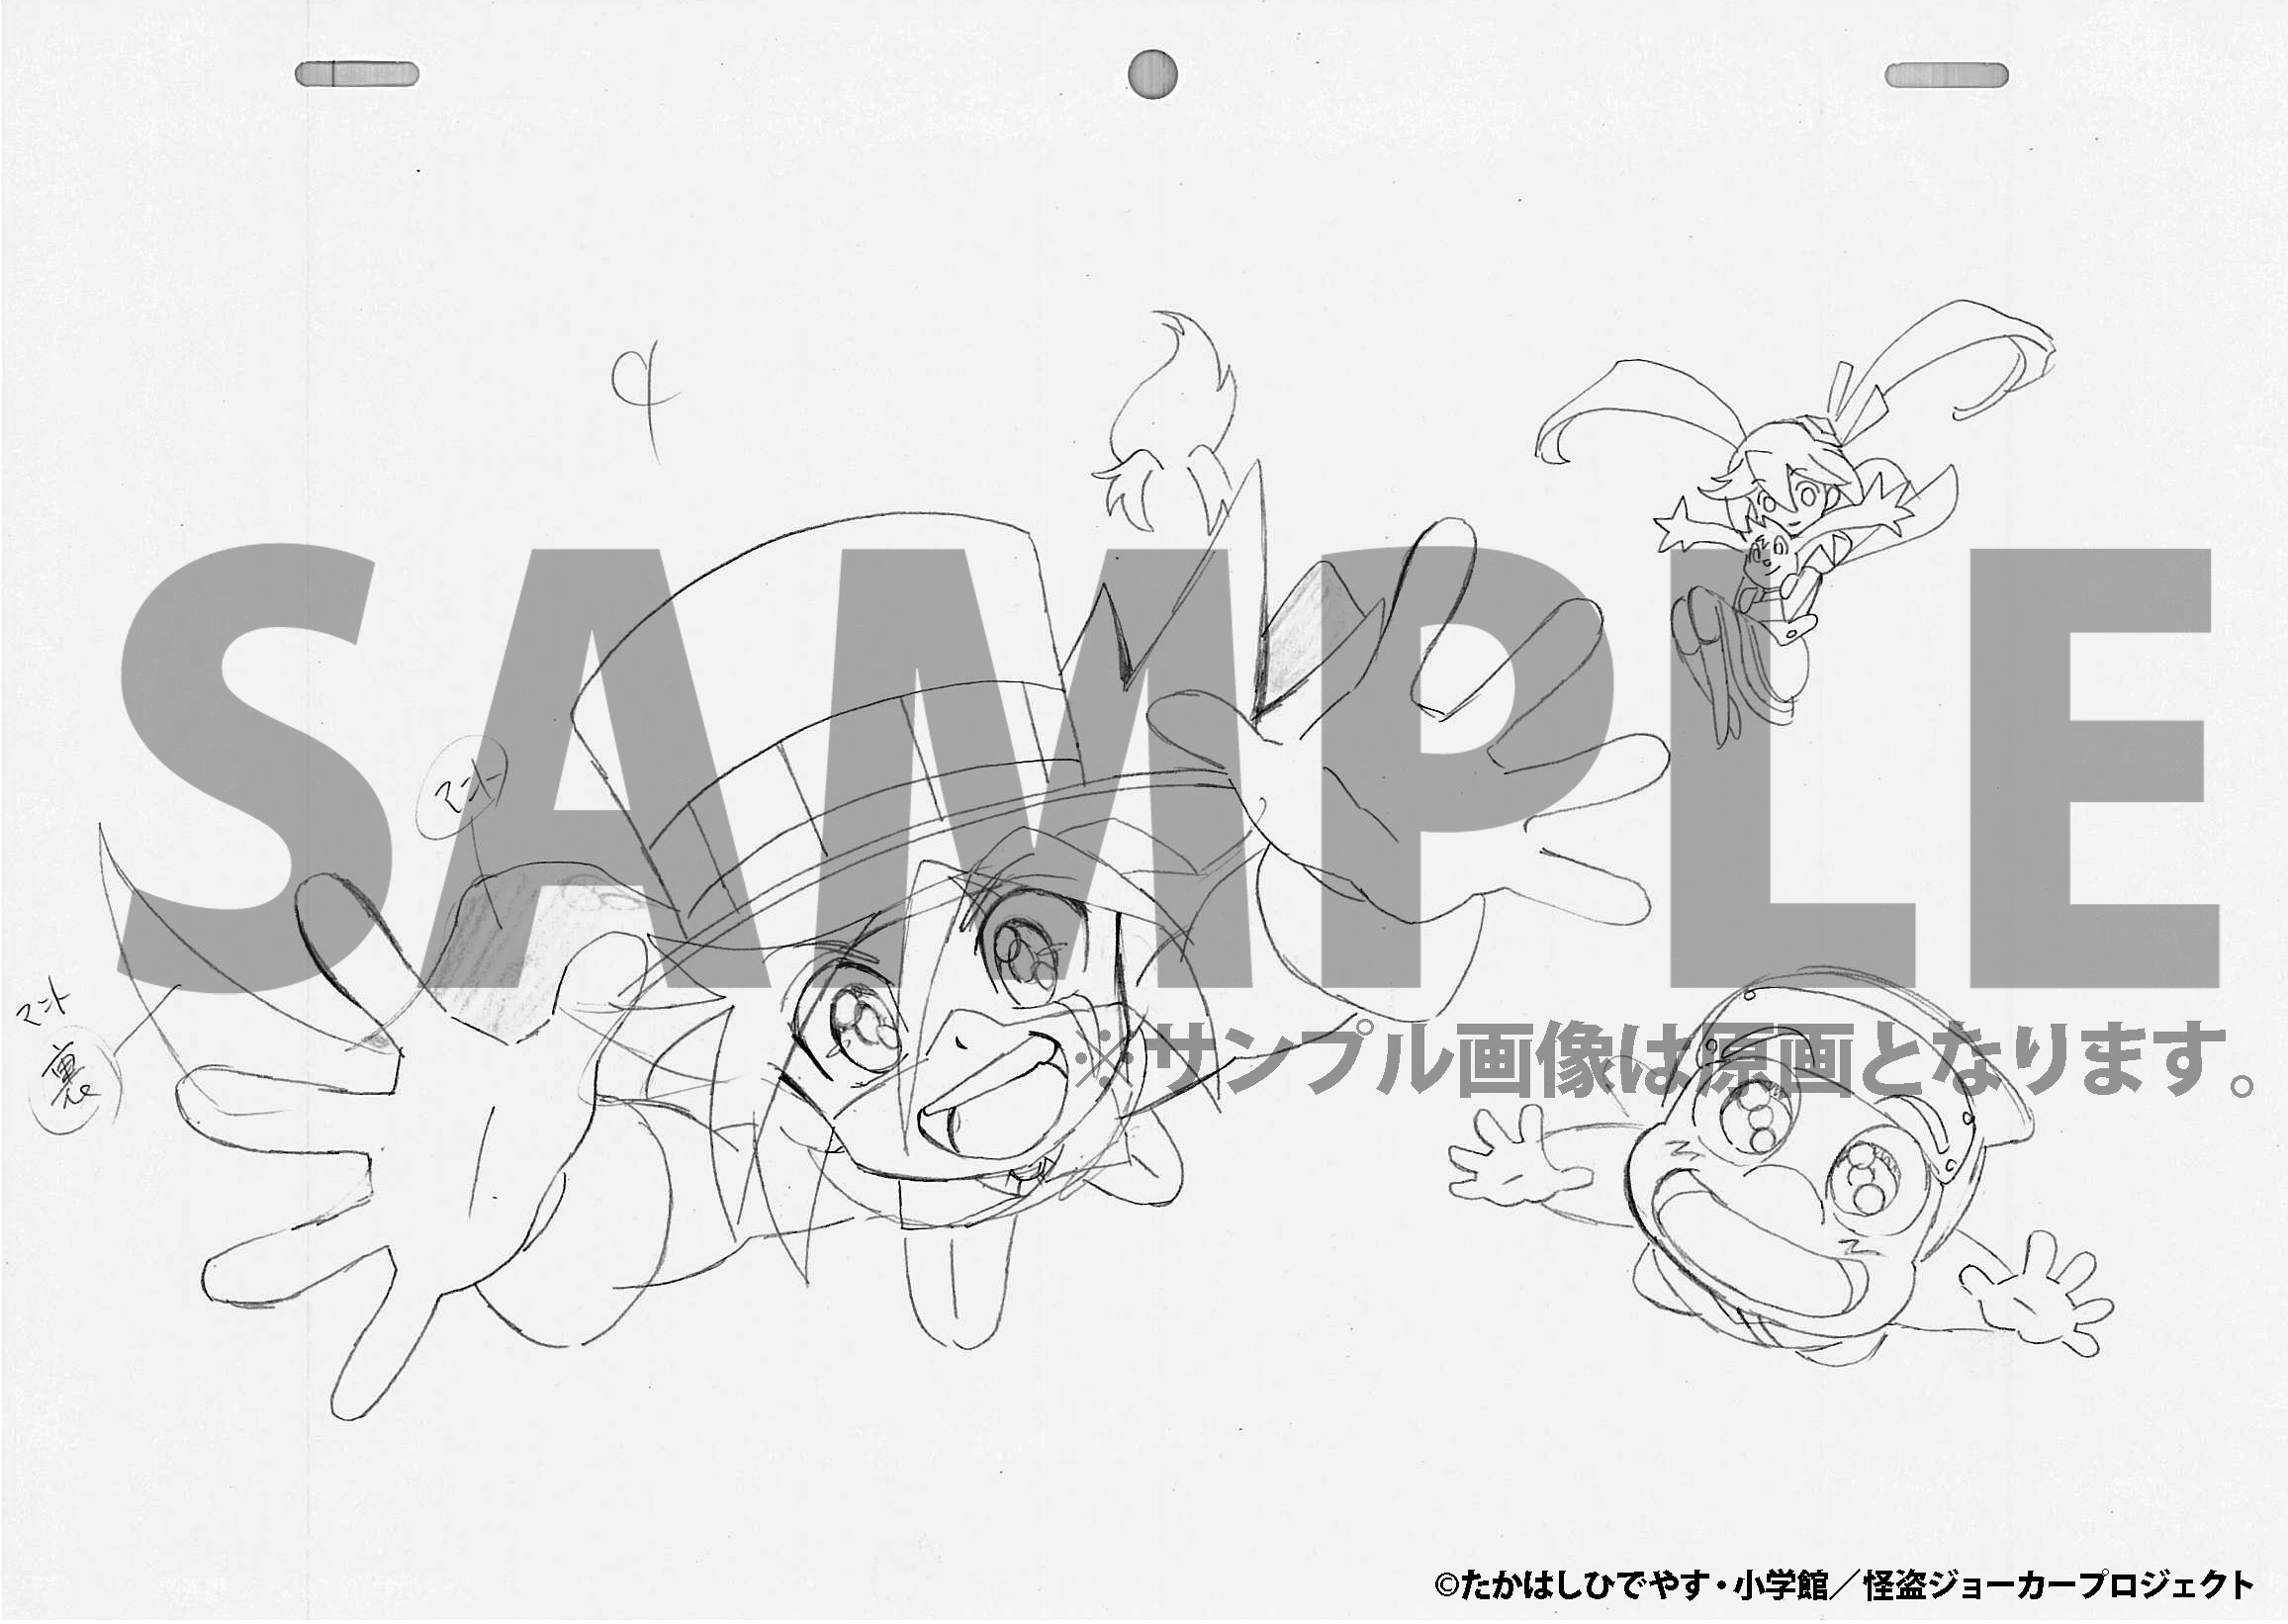 怪盗ジョーカー_動画サンプル